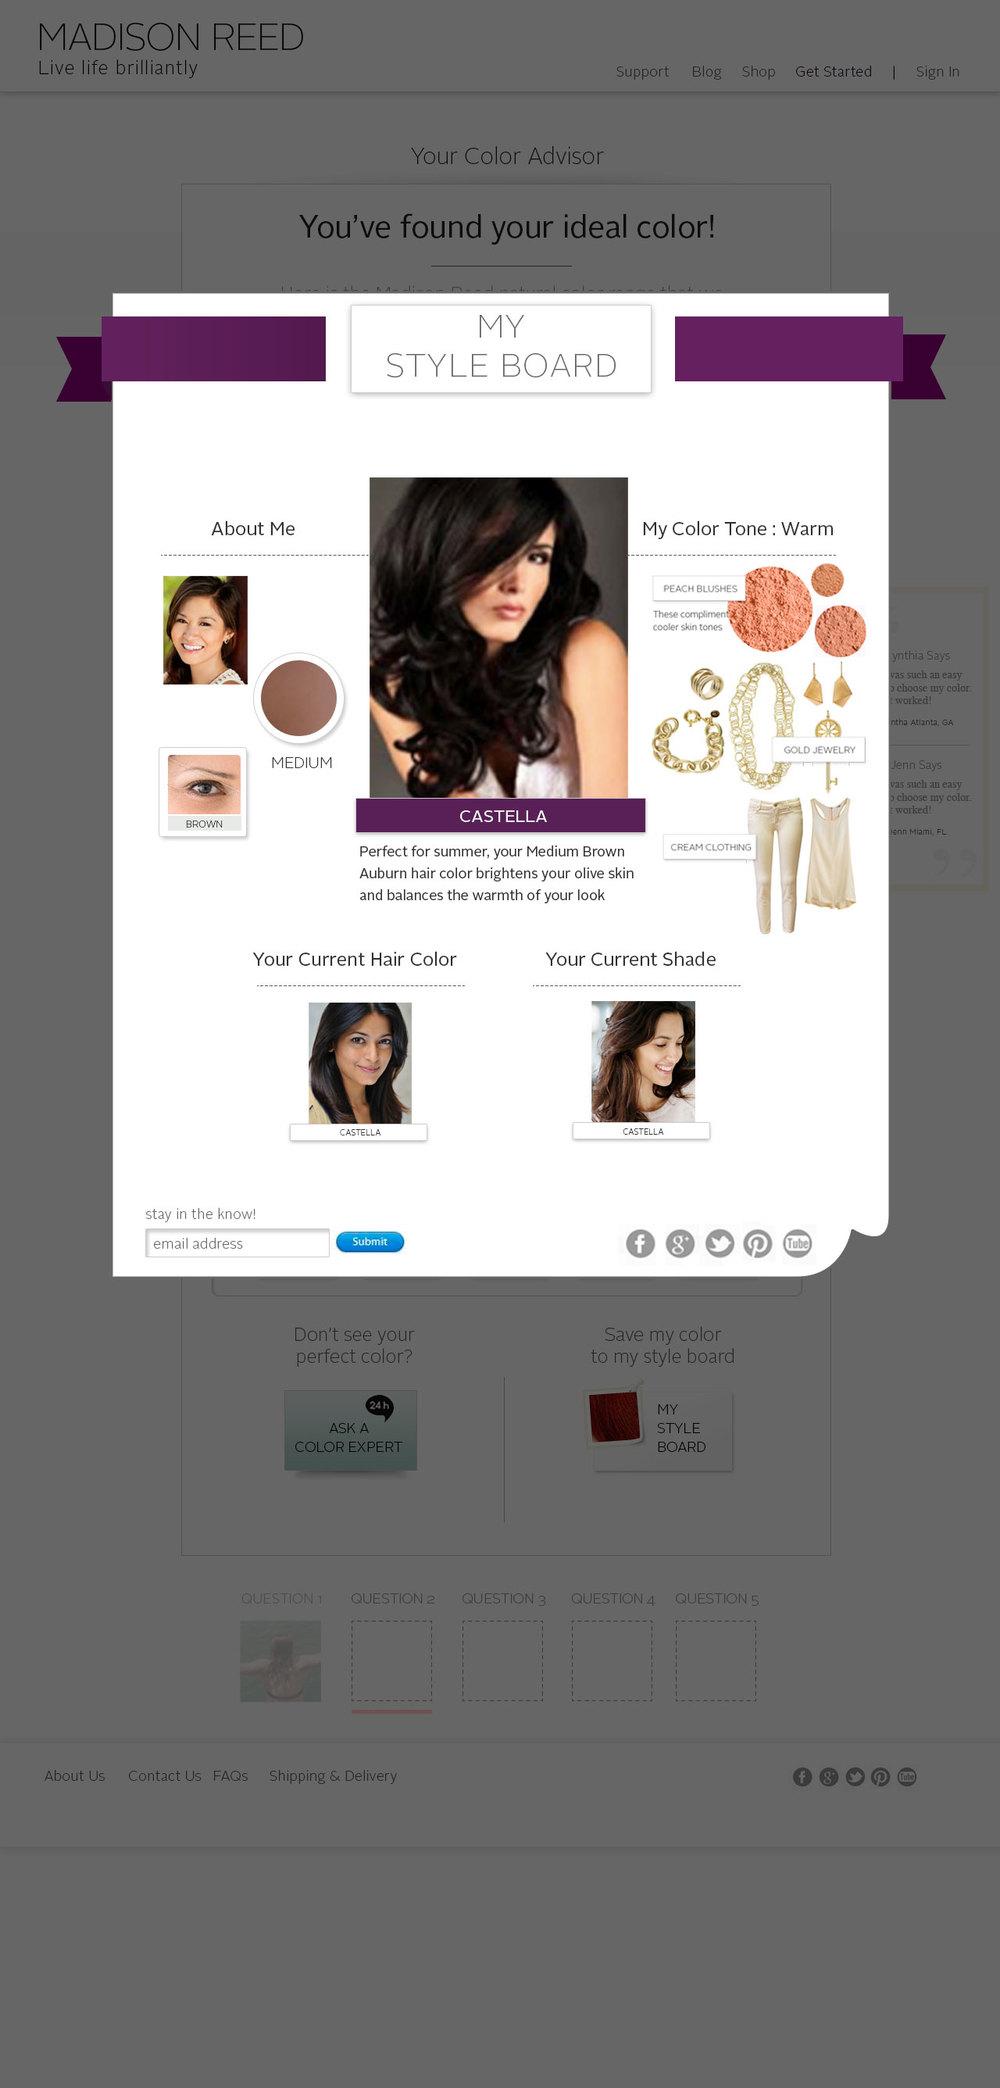 MR_Advisor-Styleboard_070213_R1v1_CE.jpg